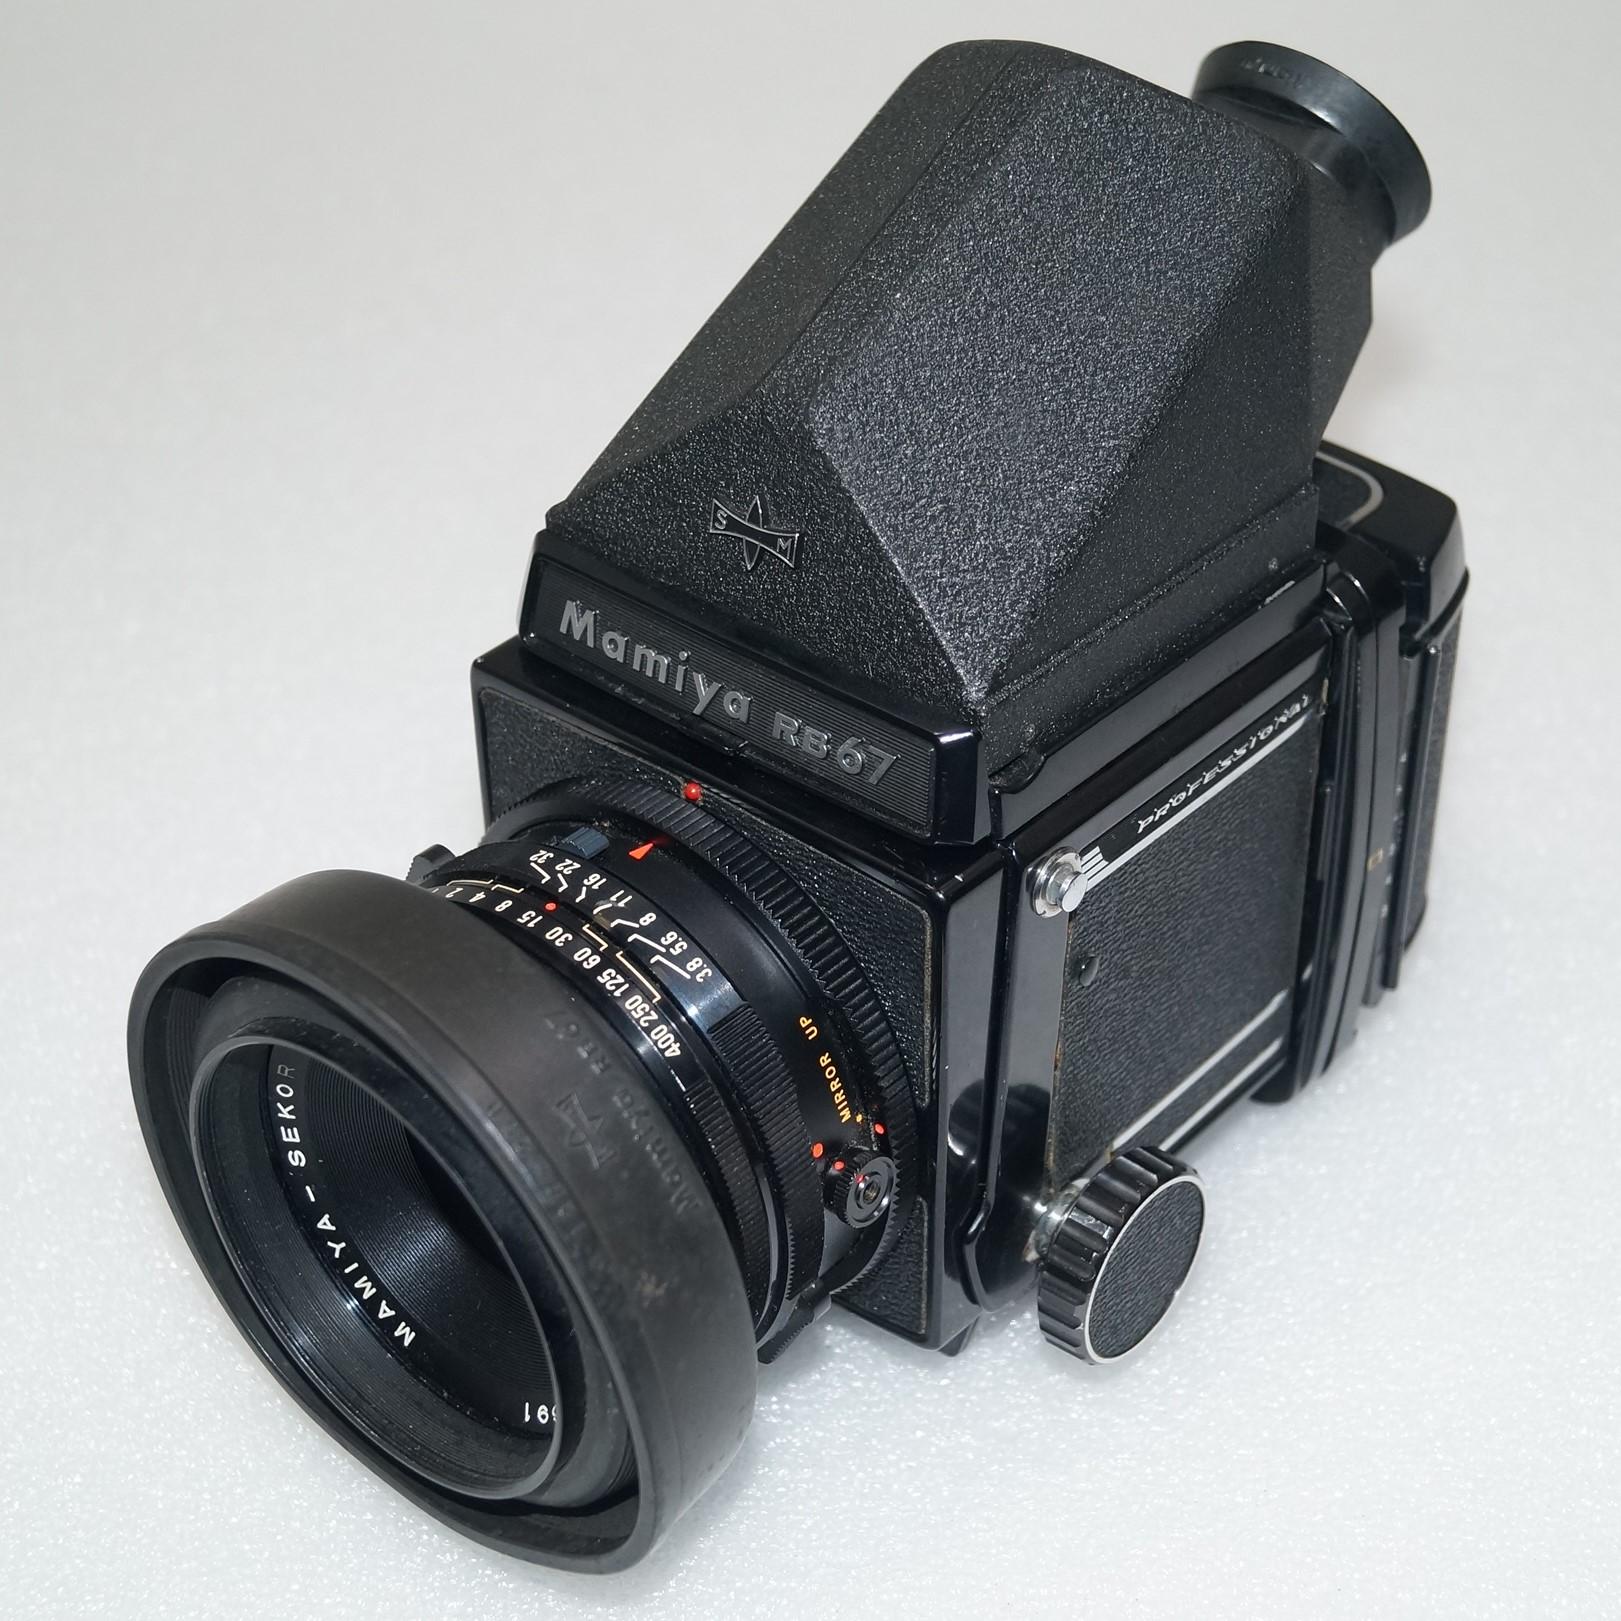 MAMIYA マミヤ 中判 カメラ RB67 PRO S